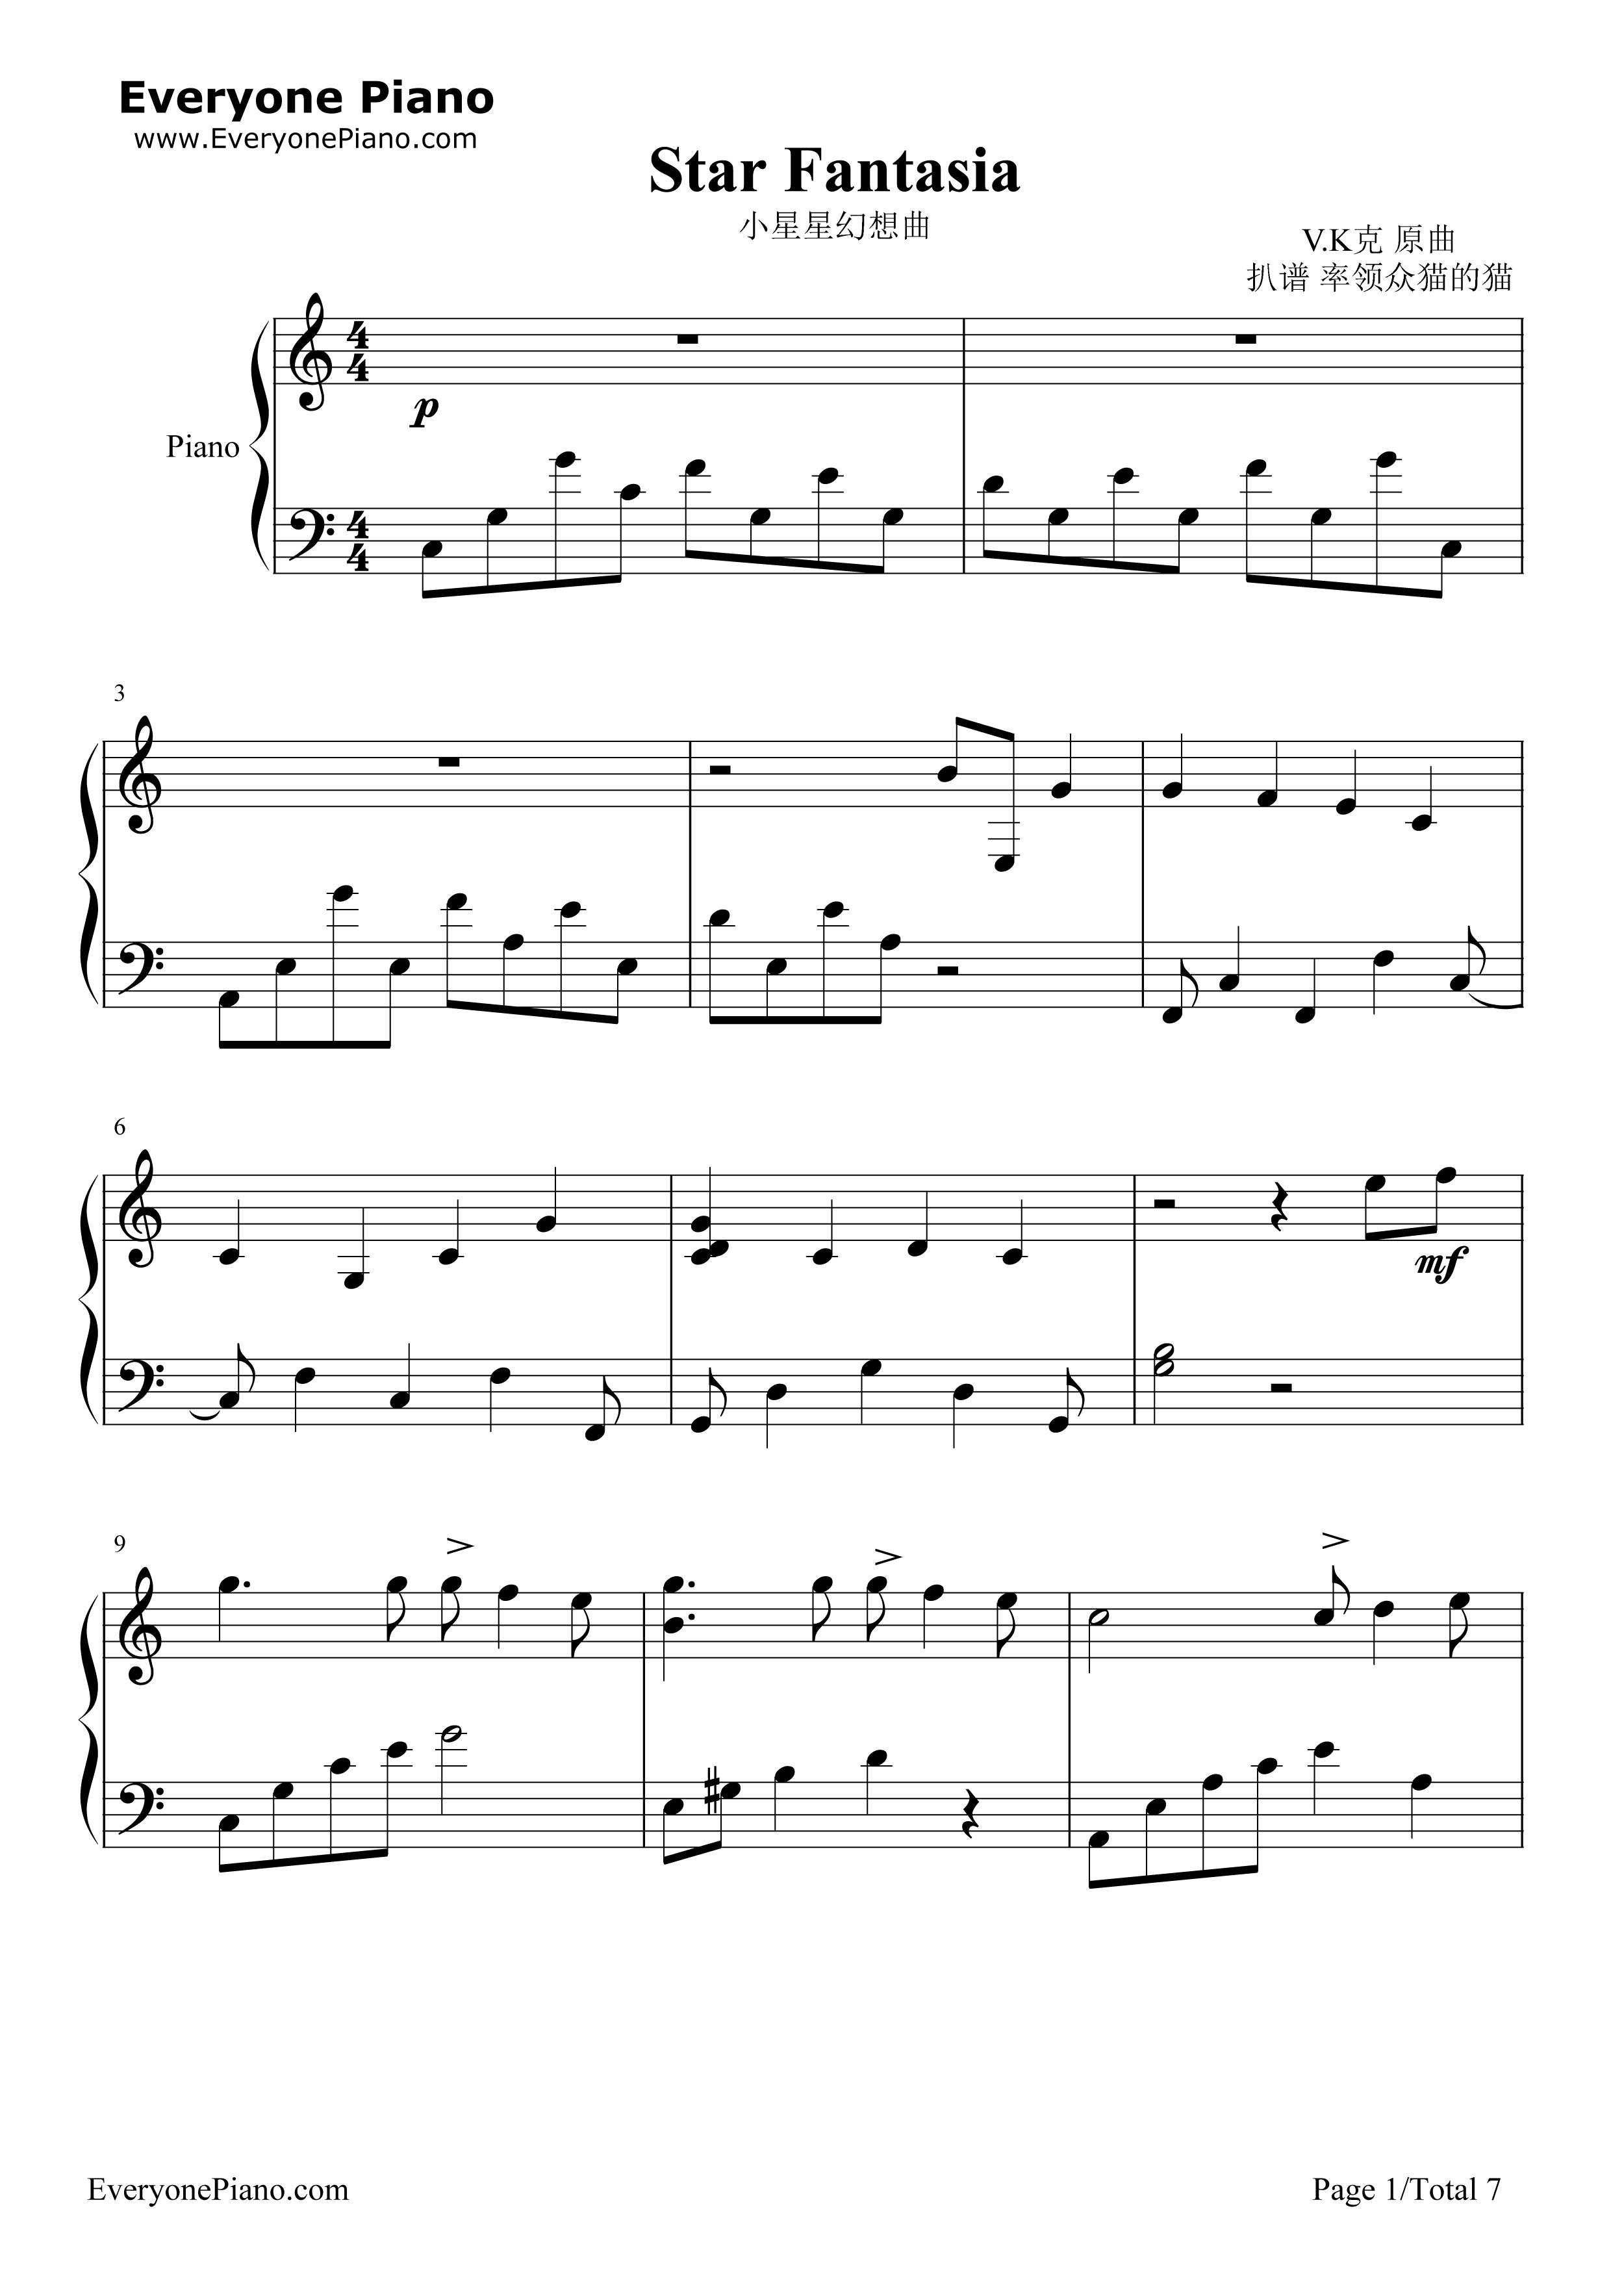 小星星幻想曲-v.k克五线谱预览1-钢琴谱(五线谱,双手)图片